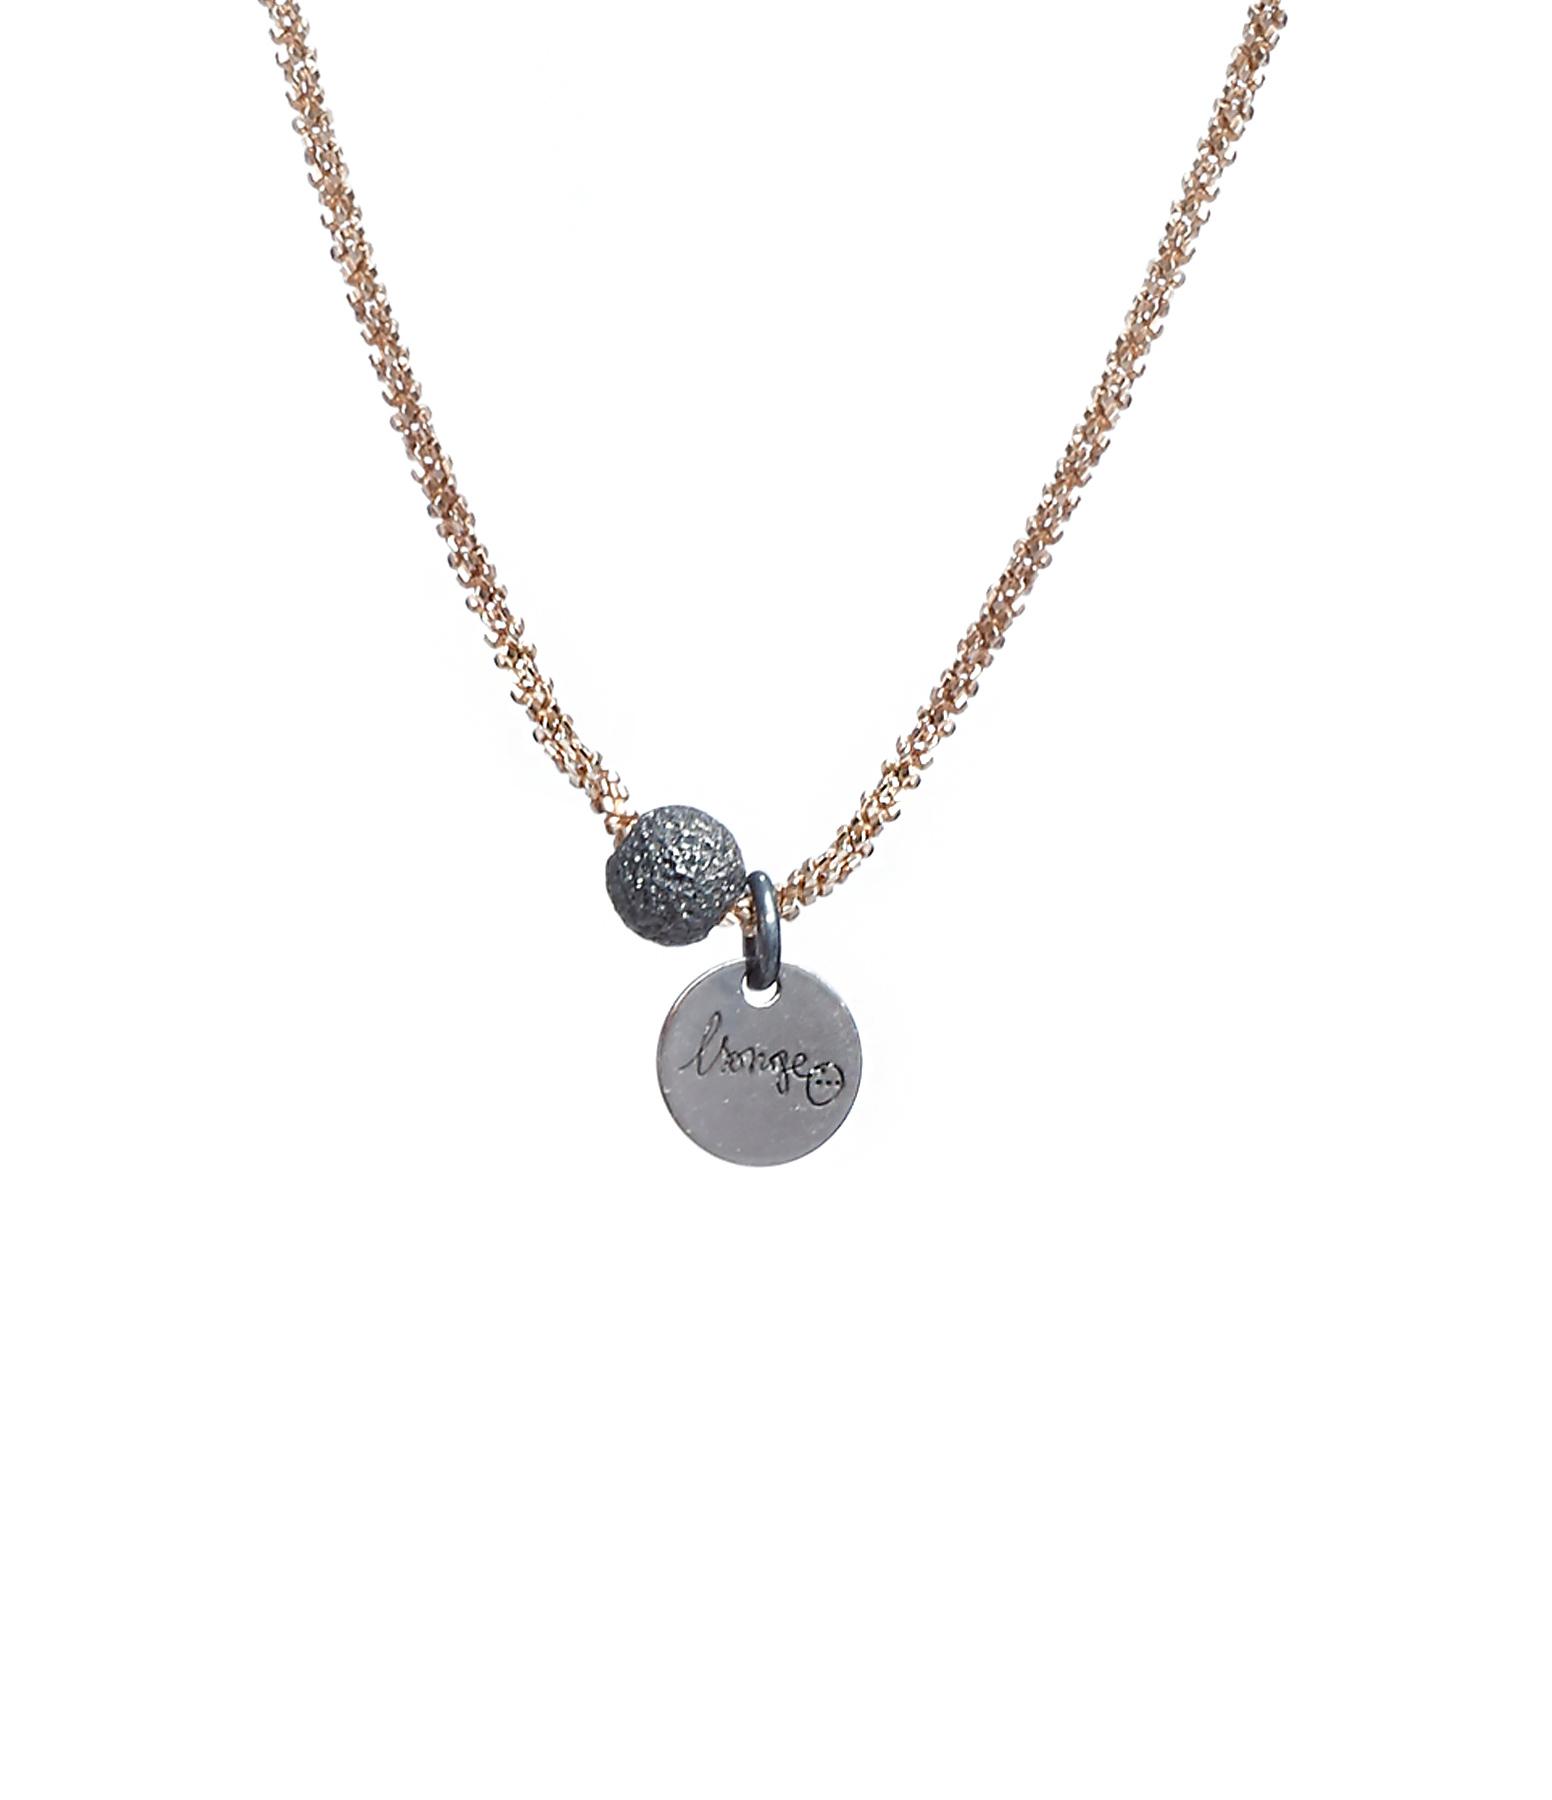 Collier Perle Argent Noir Plaqué Or